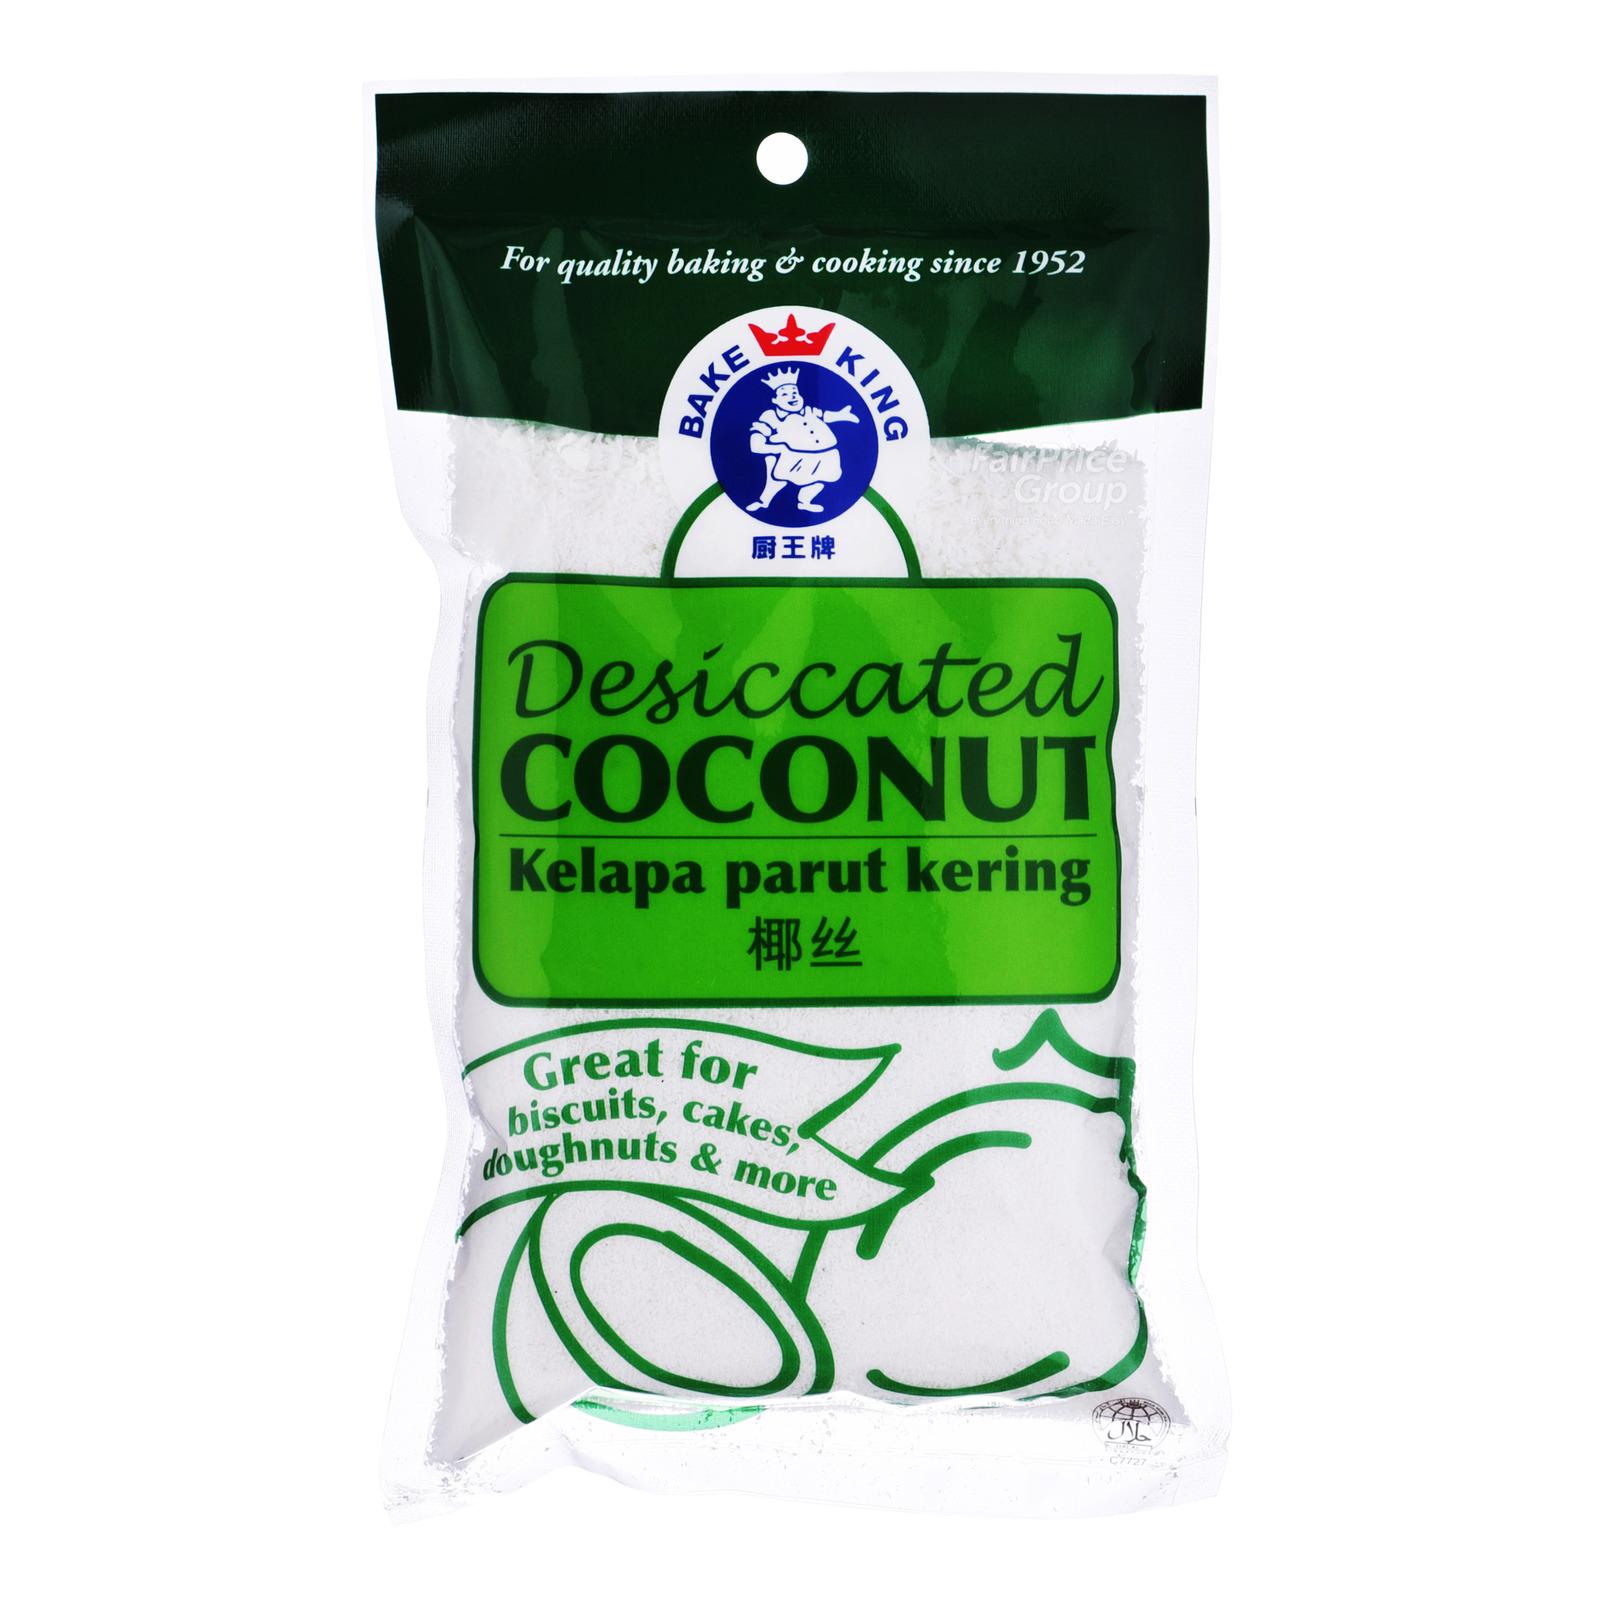 Bake King Desiccated Coconut